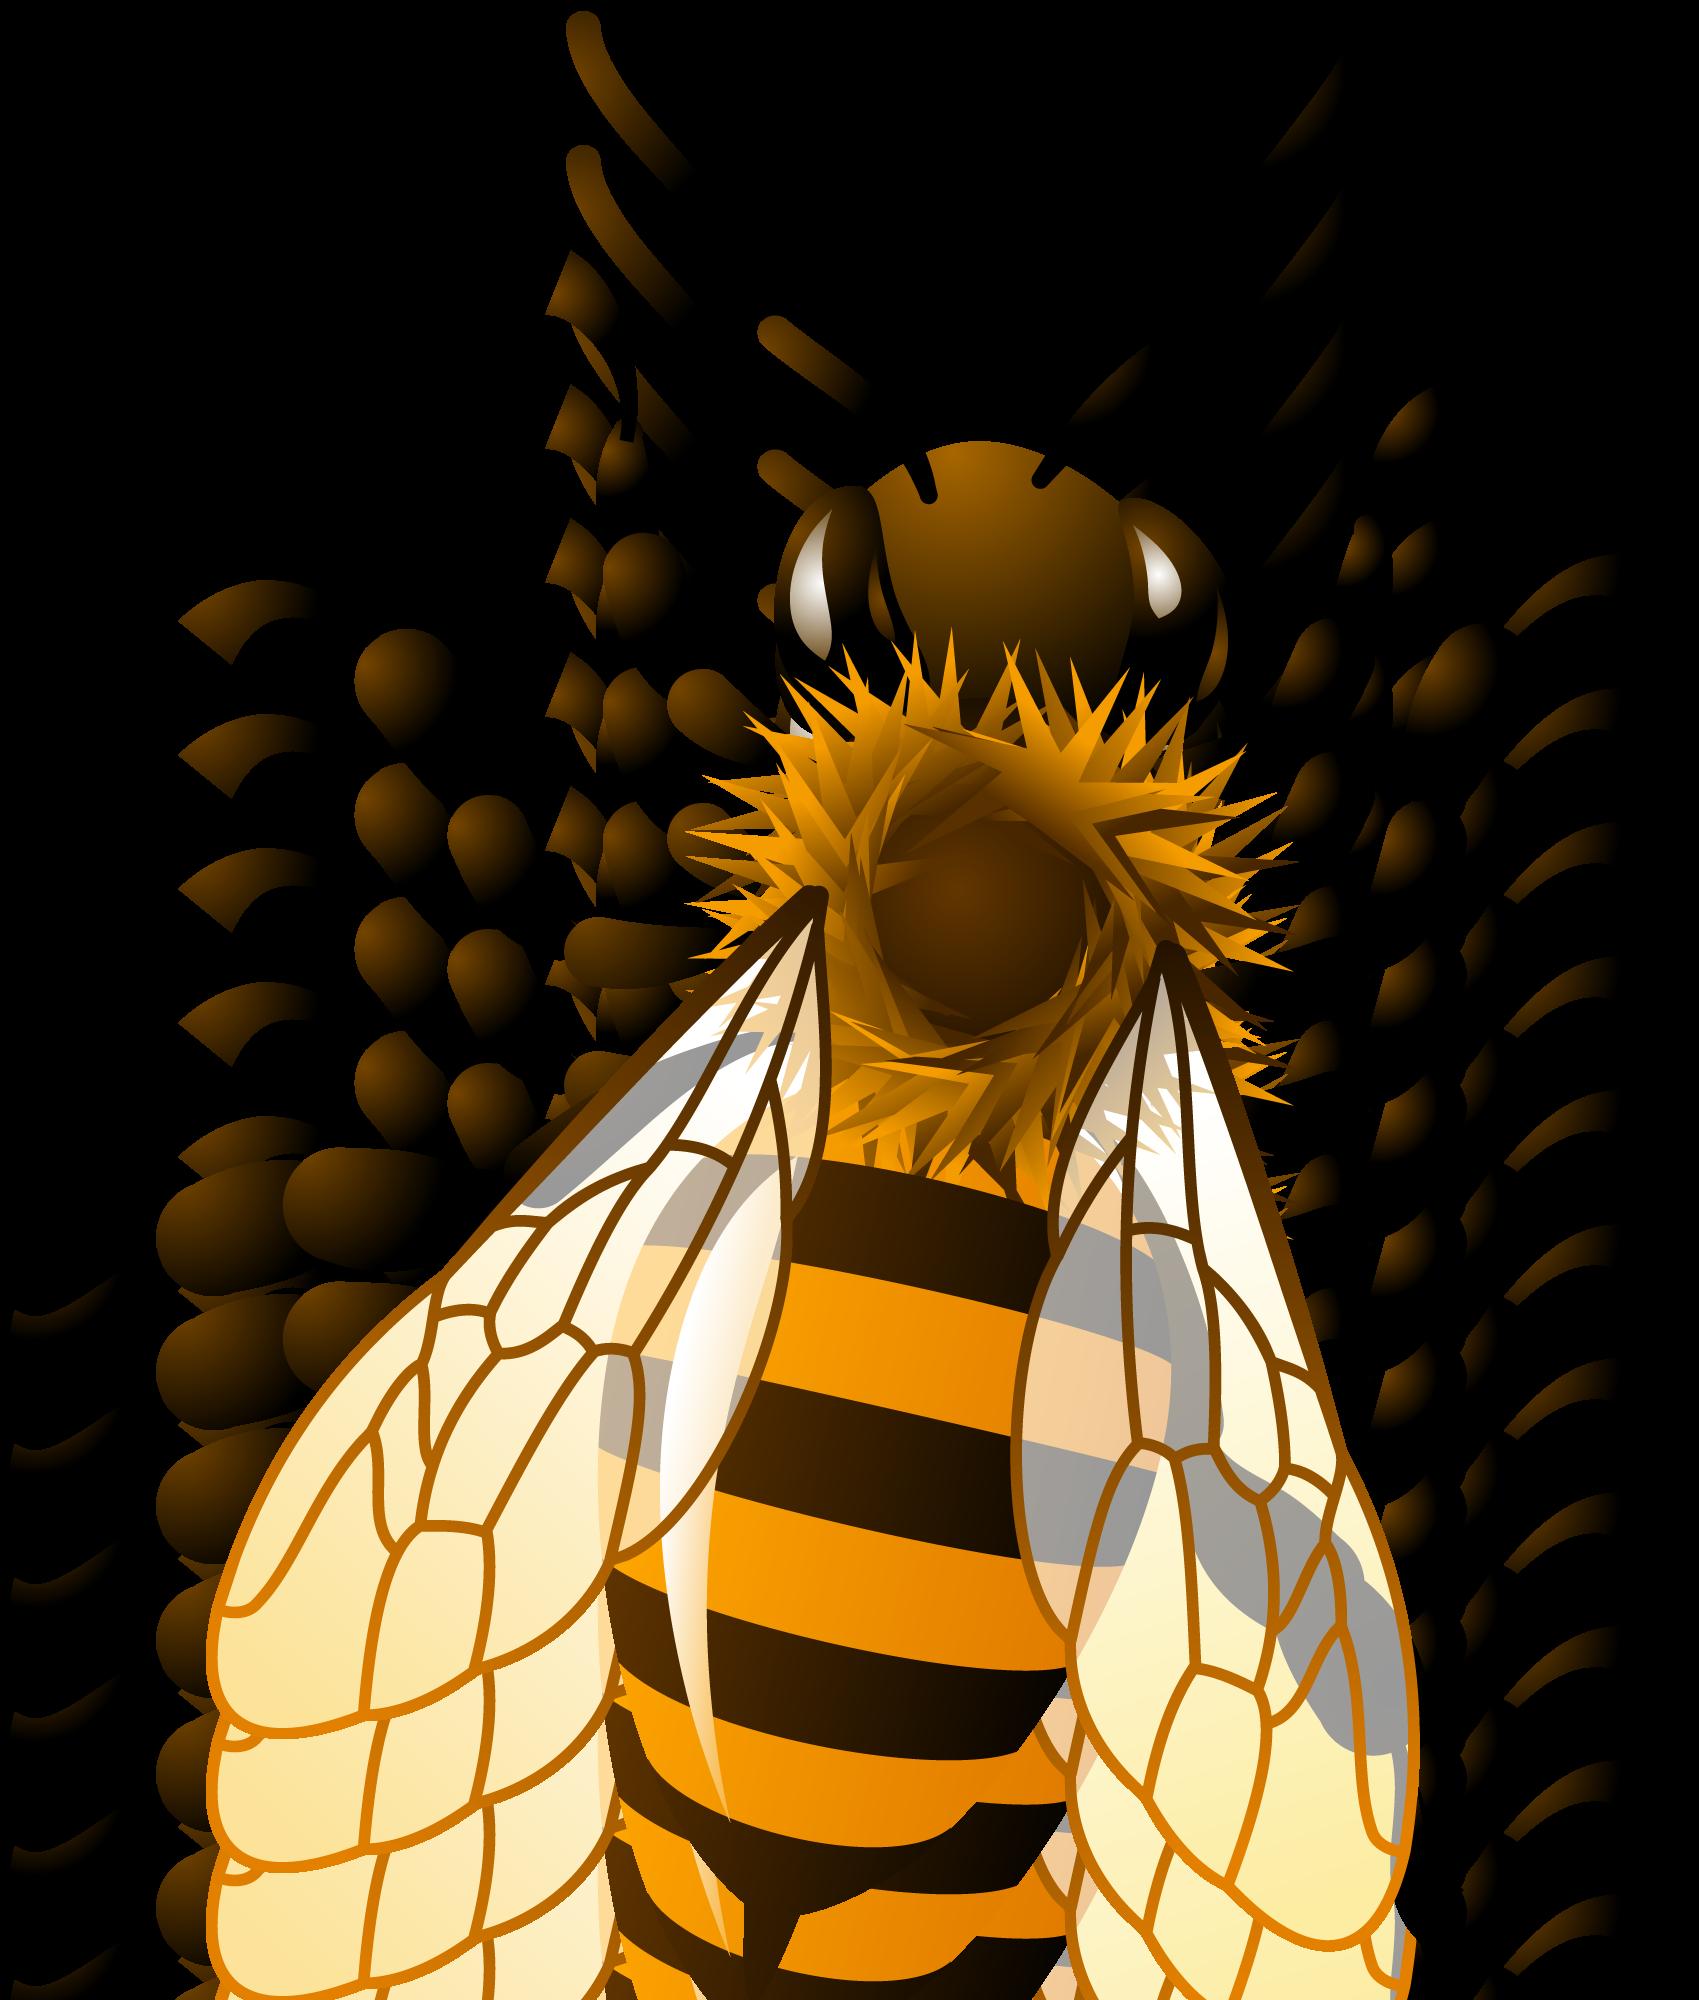 Takto nějak budou vypadat úkoly a testíky pro Vás včelaříky - kdo by chtěl ale zkusit testík přímo tady na stránkách, popojeď níže